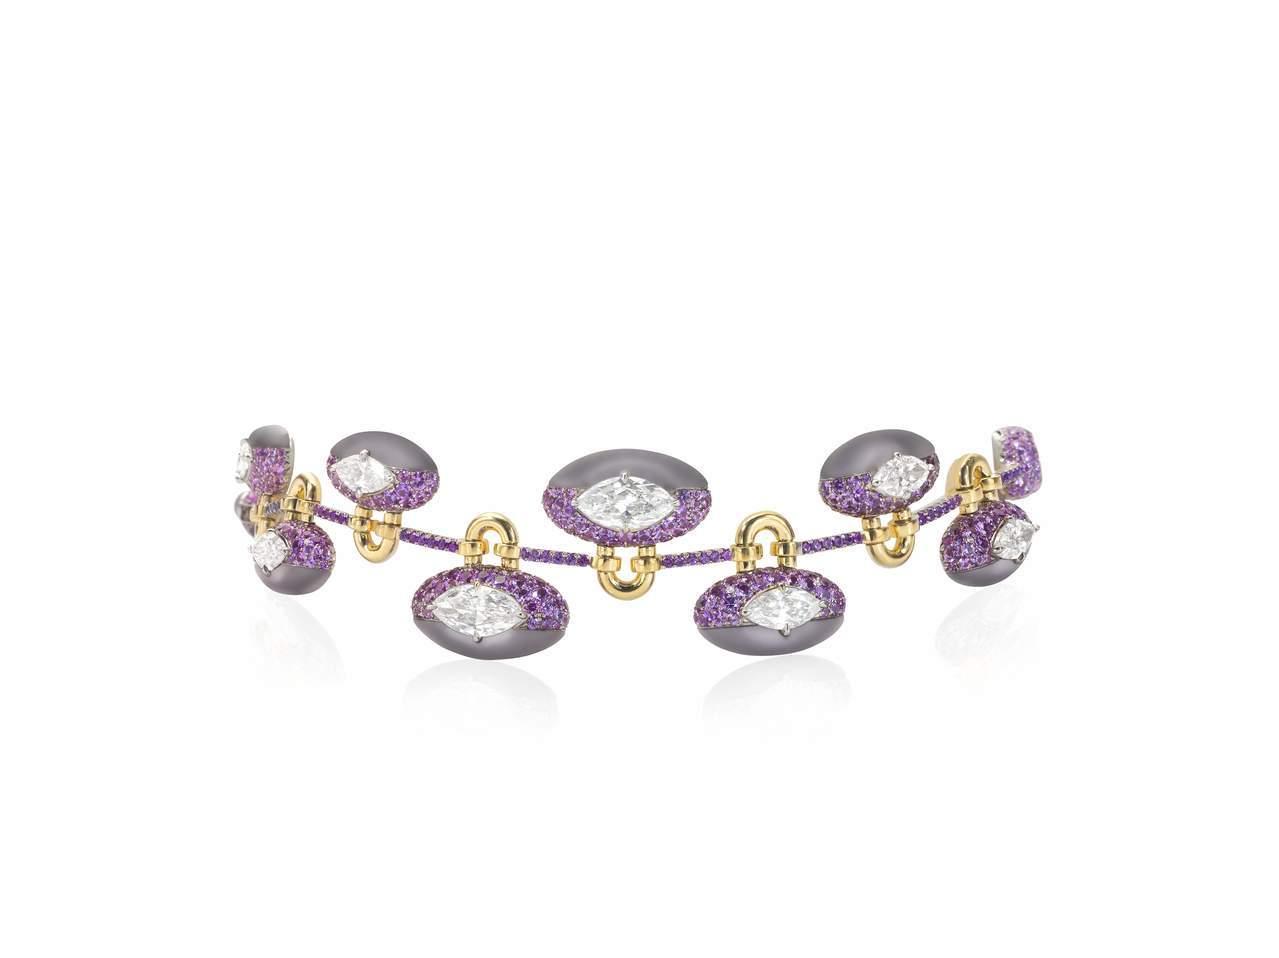 「同心扣」手鍊,18K黃金鑲嵌淡紫色玉髓、8顆馬眼形鑽石共10.13克拉。圖/蘇...